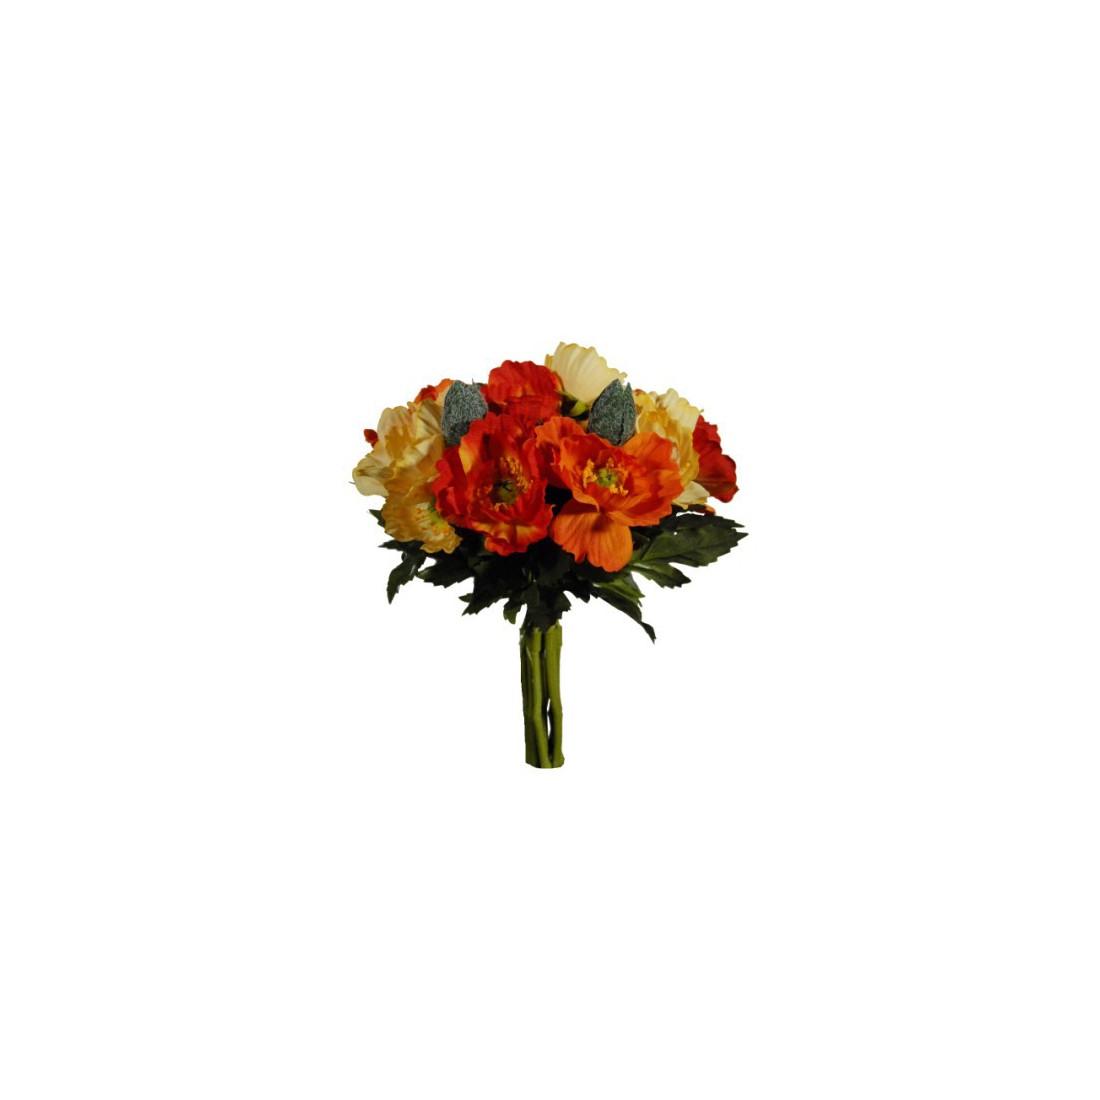 bouquet artificiel de pavot mini 24 cm fleurs intemporelles artificielles reflets nature lyon. Black Bedroom Furniture Sets. Home Design Ideas